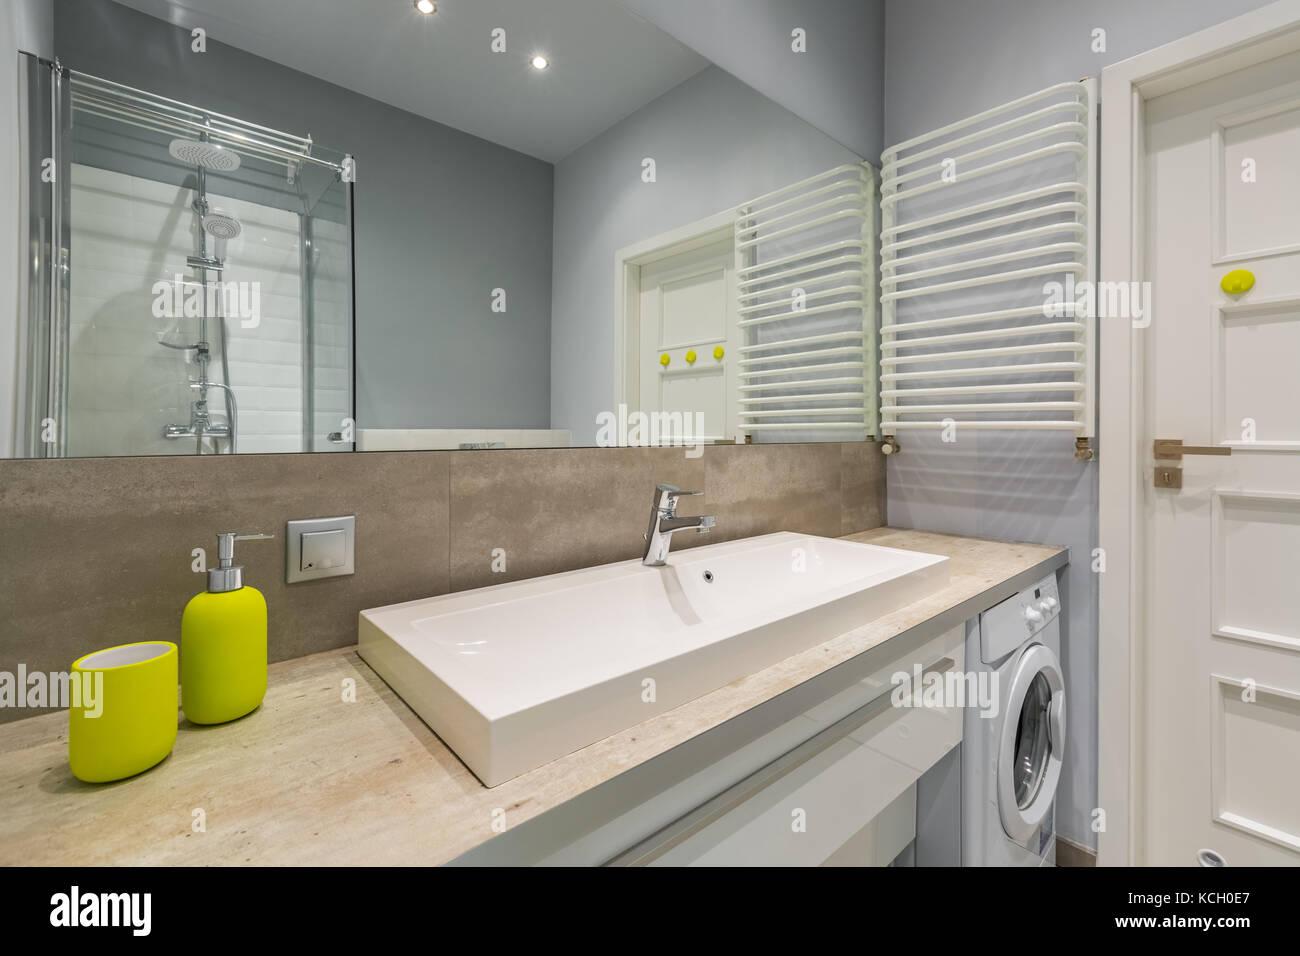 Schönes Badezimmer mit großem Spiegel, Dusche und ...